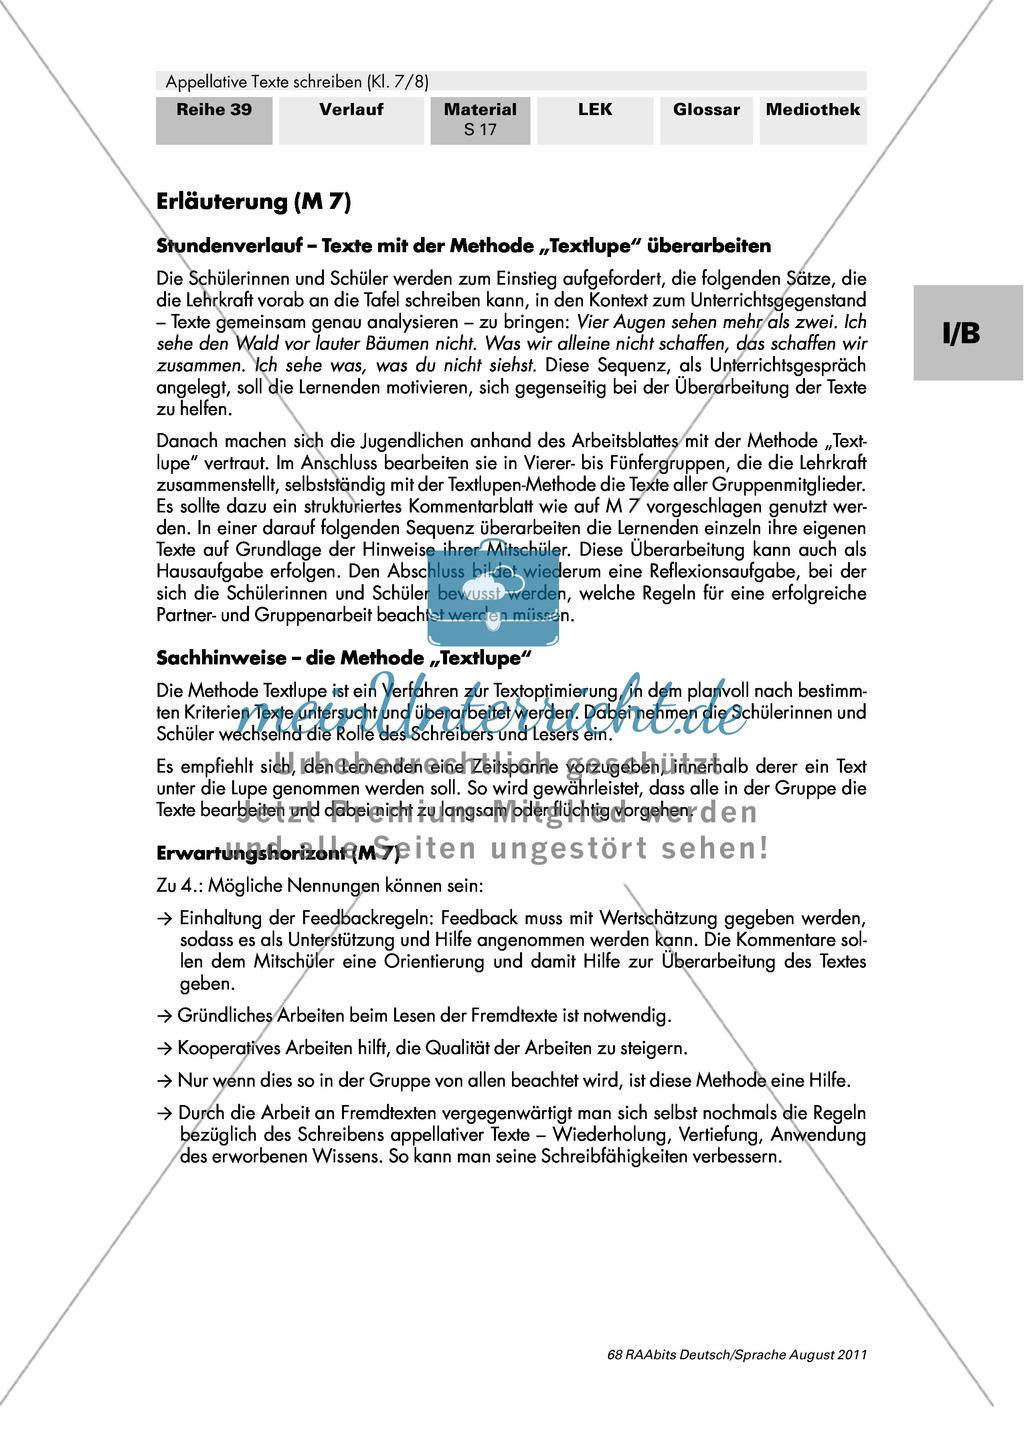 Produzierte appellative Texte gemeinschaftlich überarbeiten mithilfe der